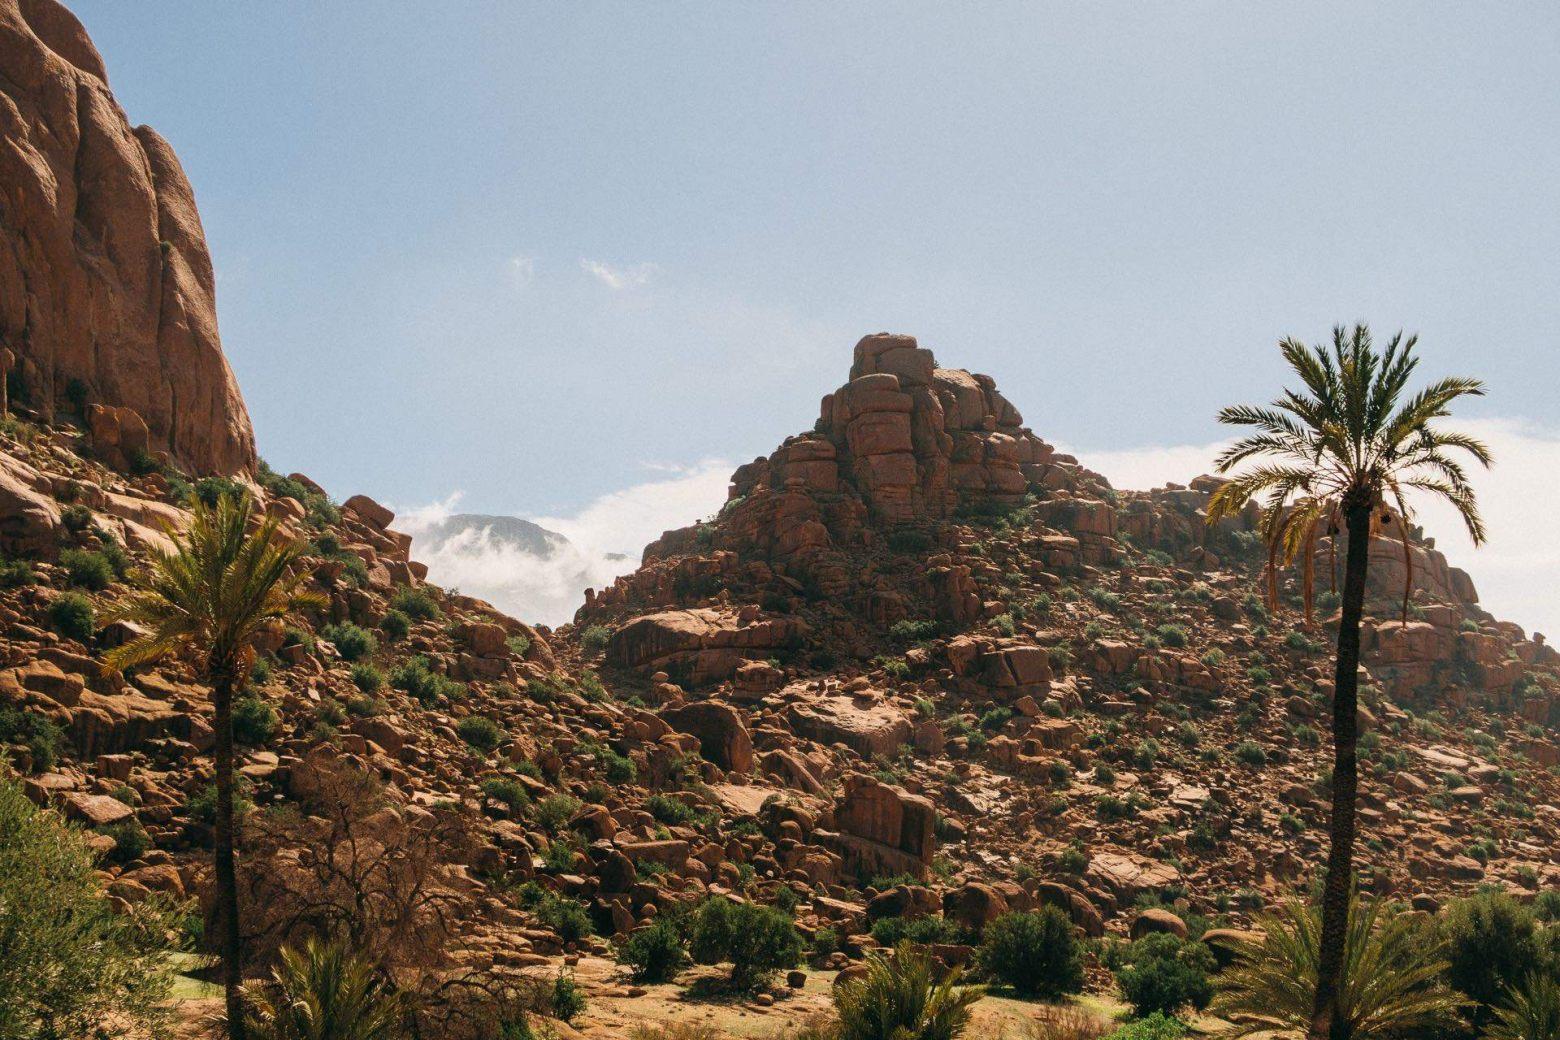 Felsformationen in Tafraoute